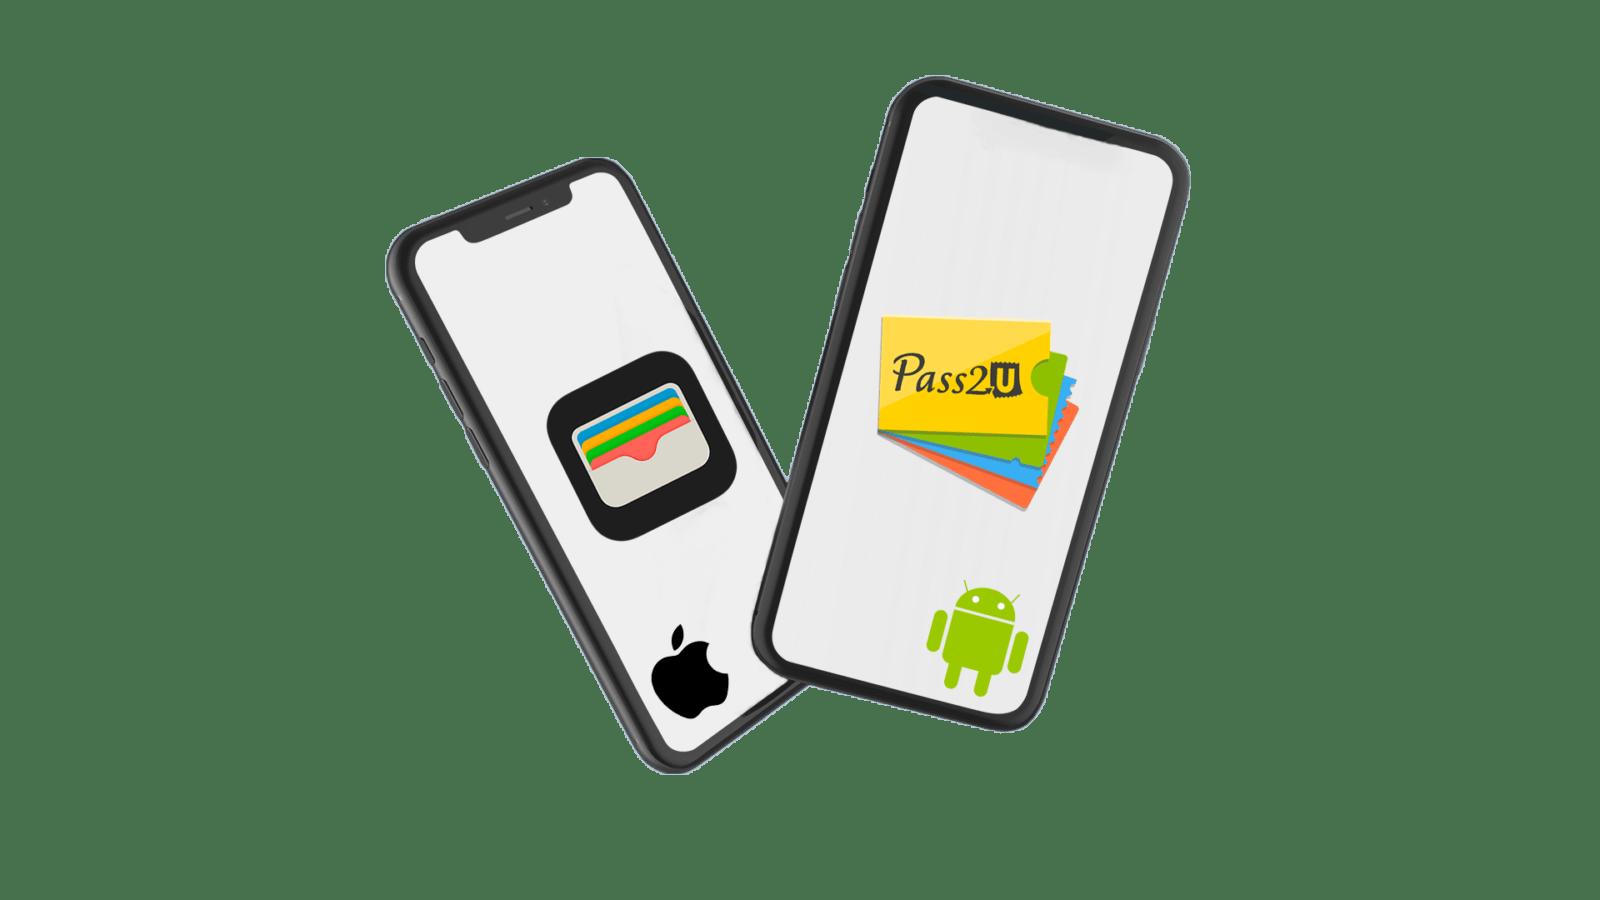 Wallet digitali